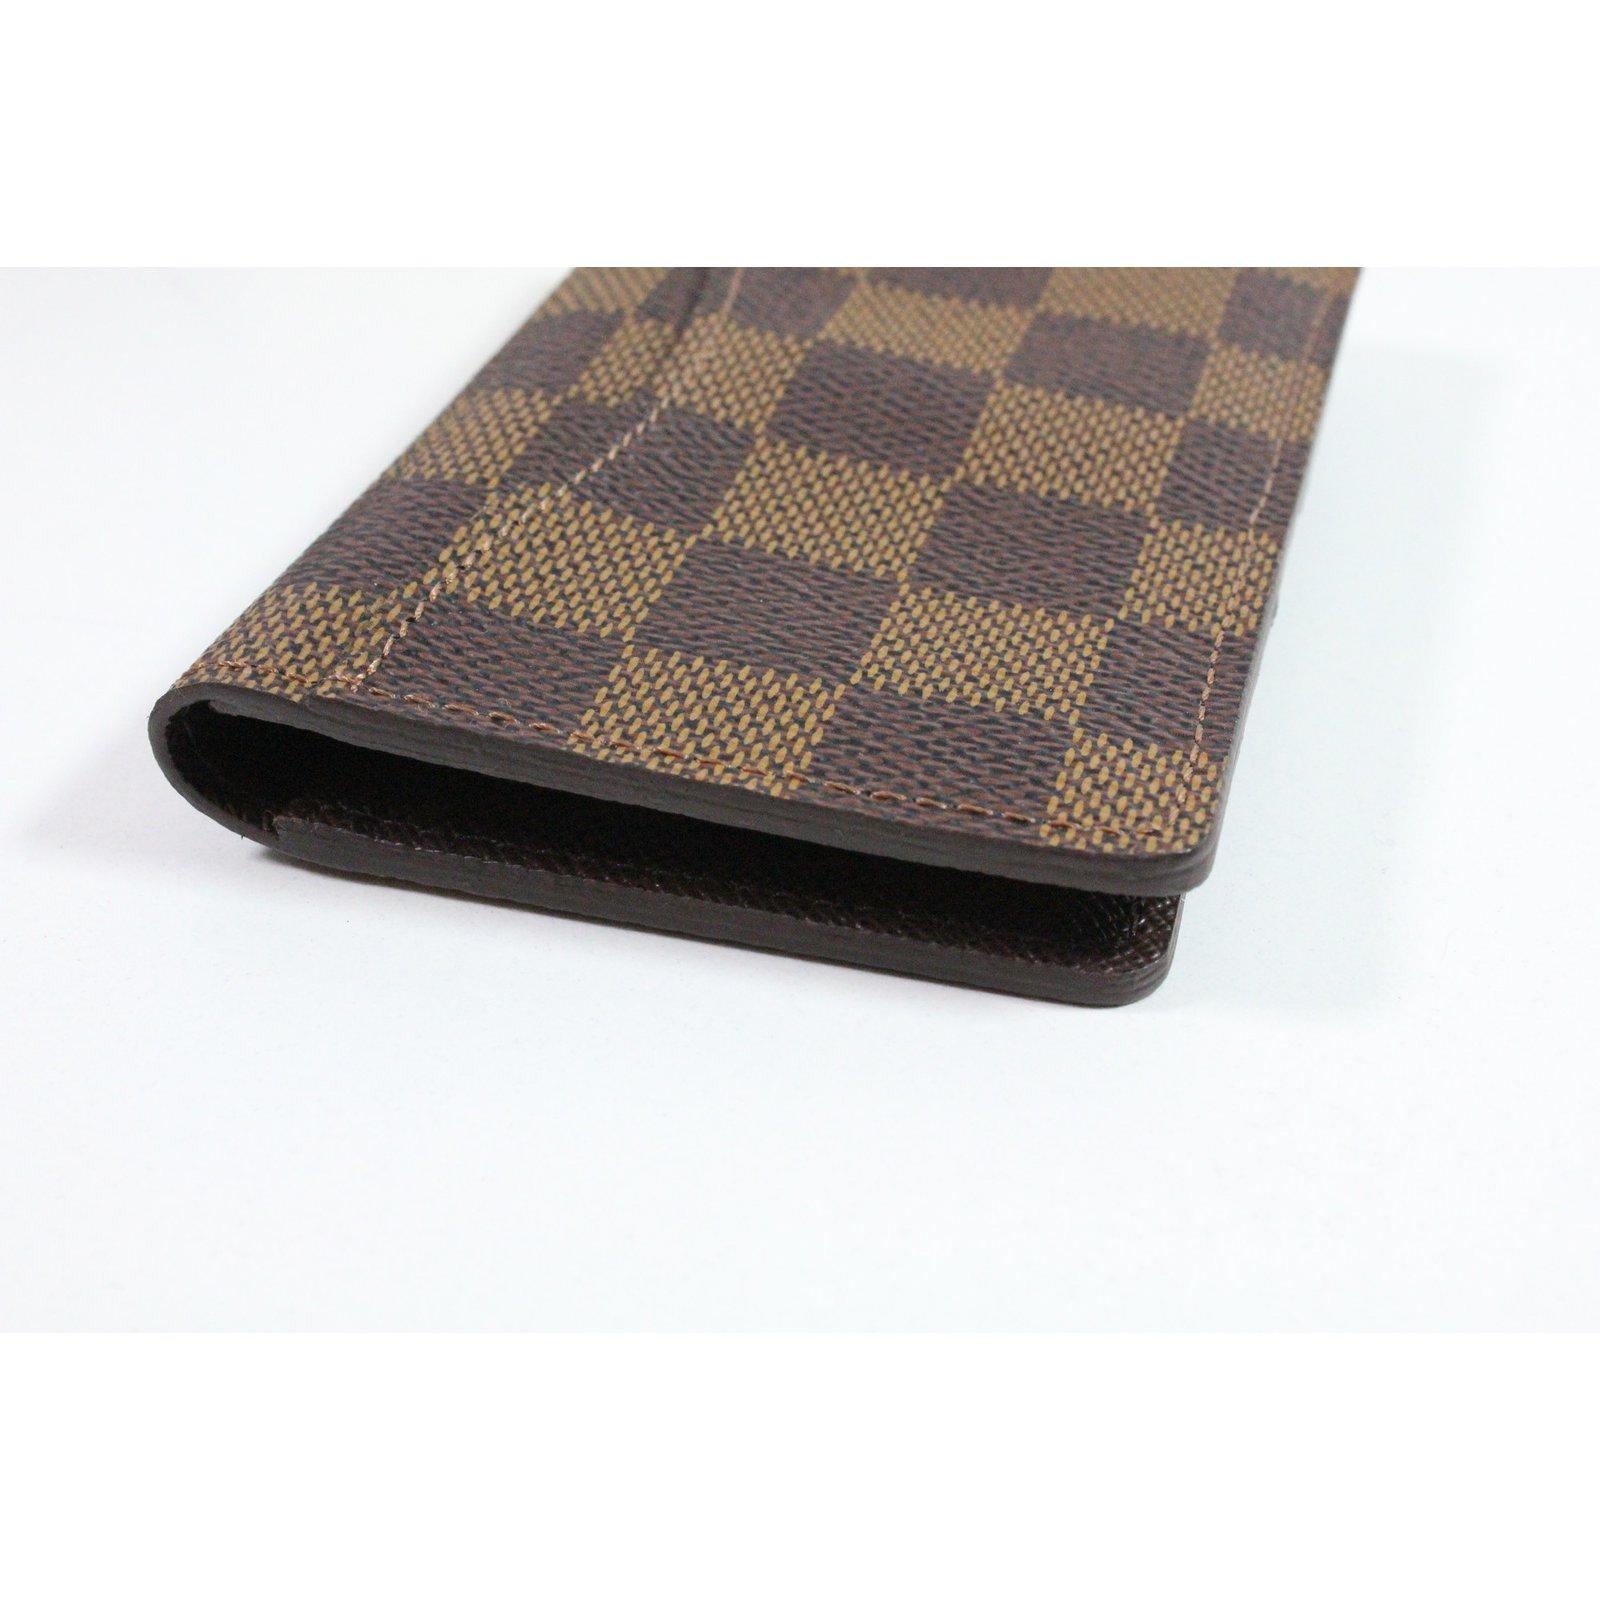 Portefeuilles Louis Vuitton Porte carte damier Autre Autre ref.28481 - Joli  Closet ac6674b3d5a